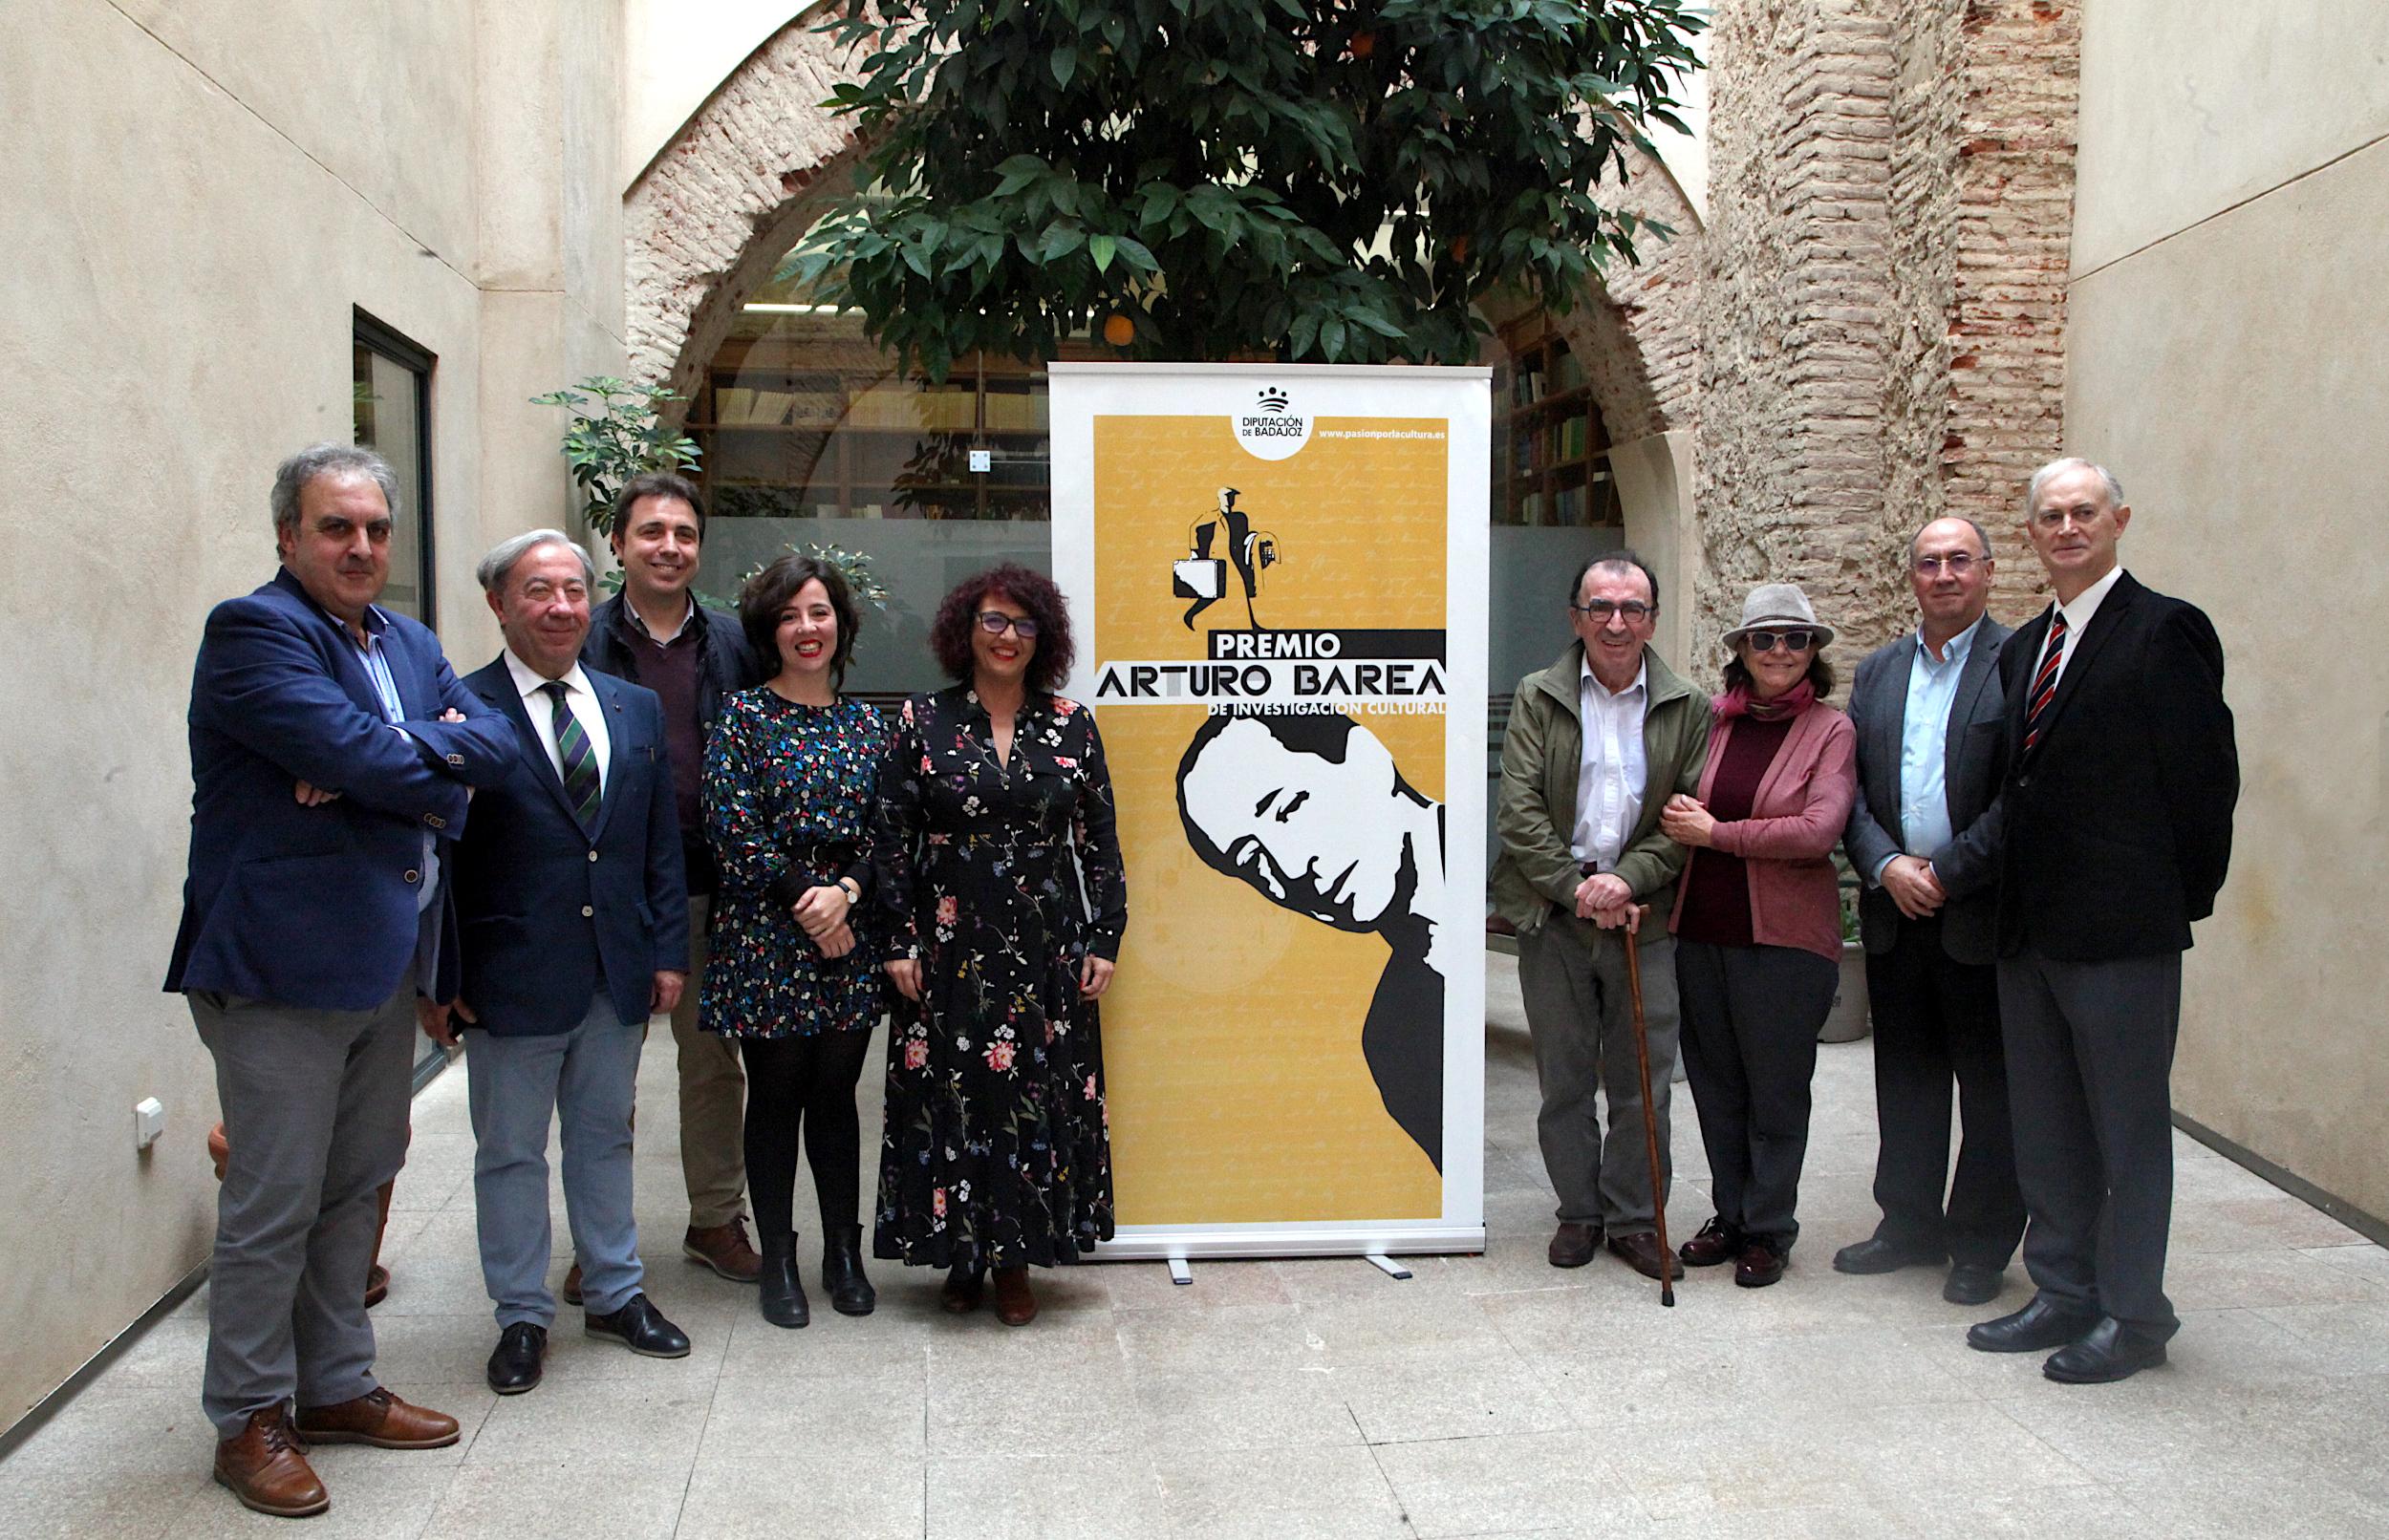 Fallo Premio Arturo Barea 2019 7